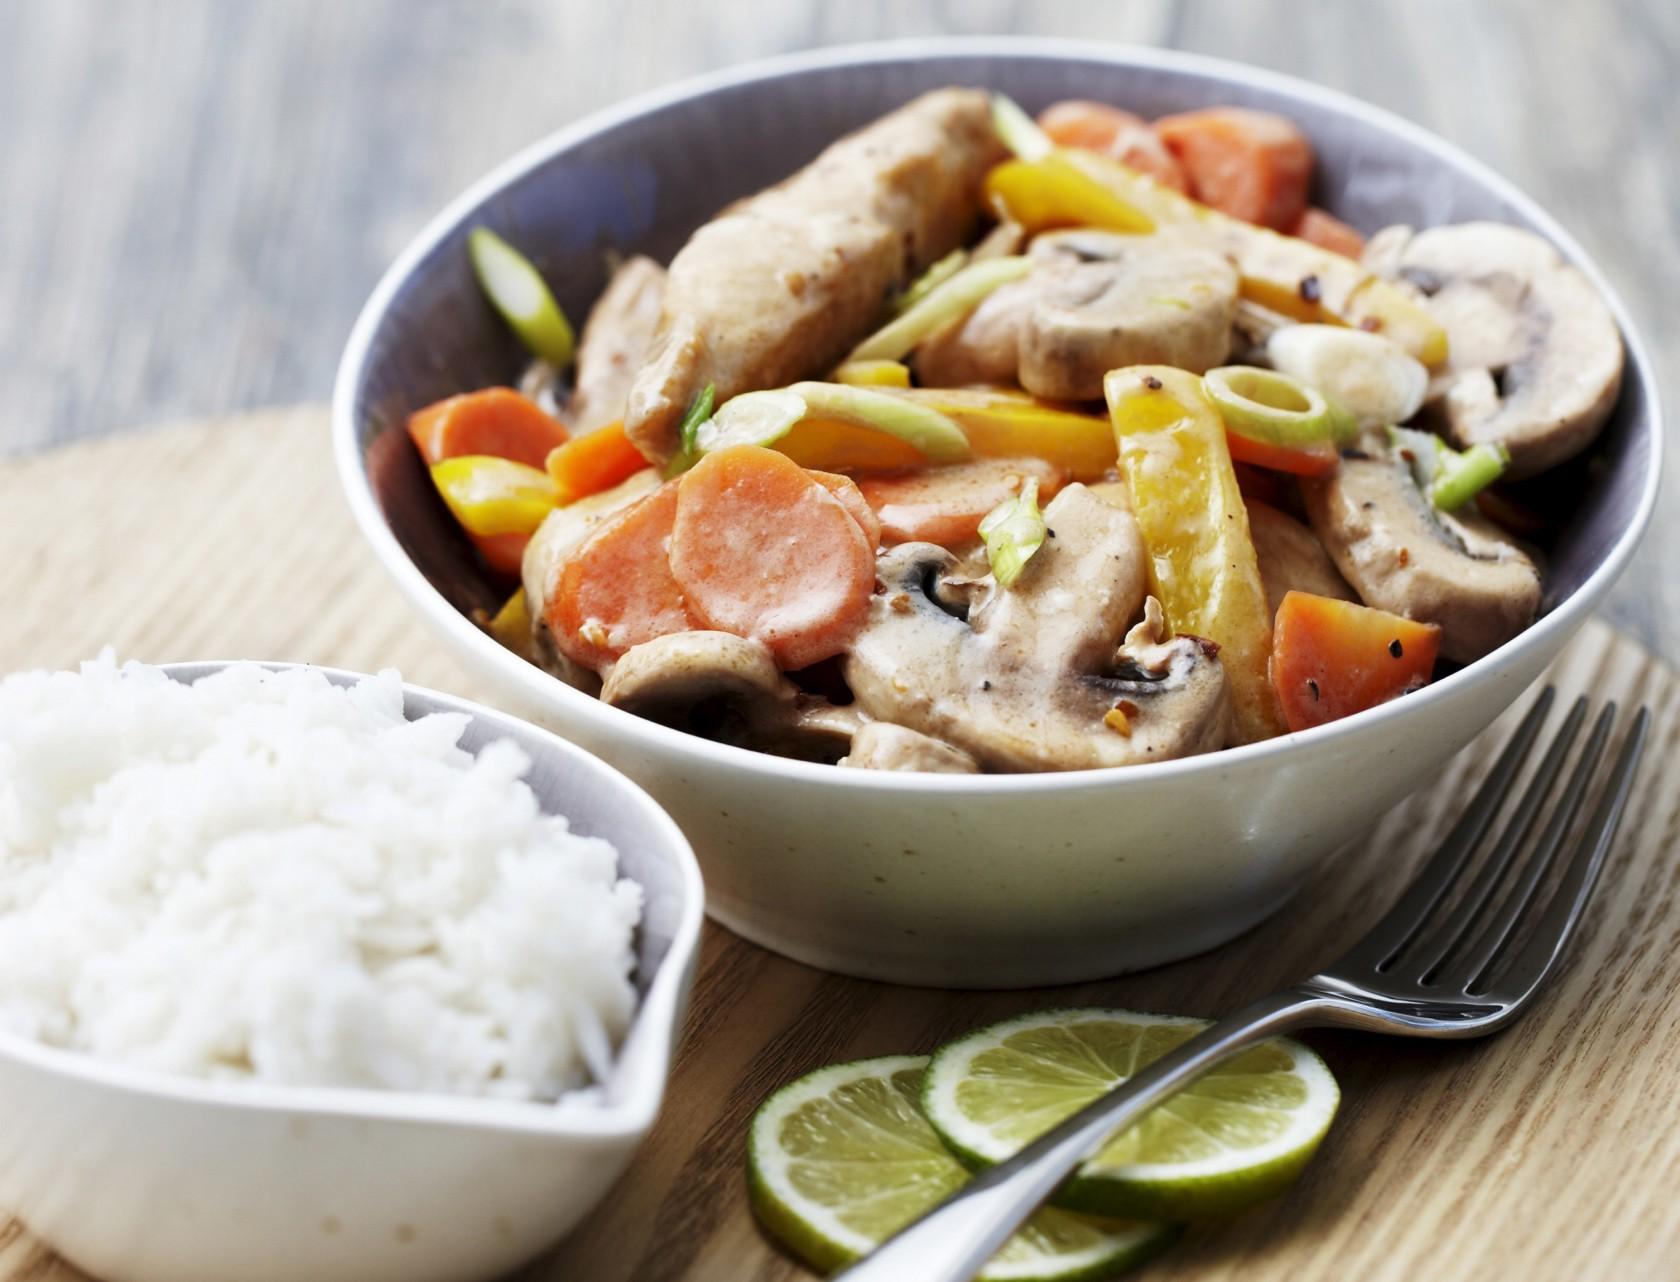 Kylling og grøntsager i kokossauce